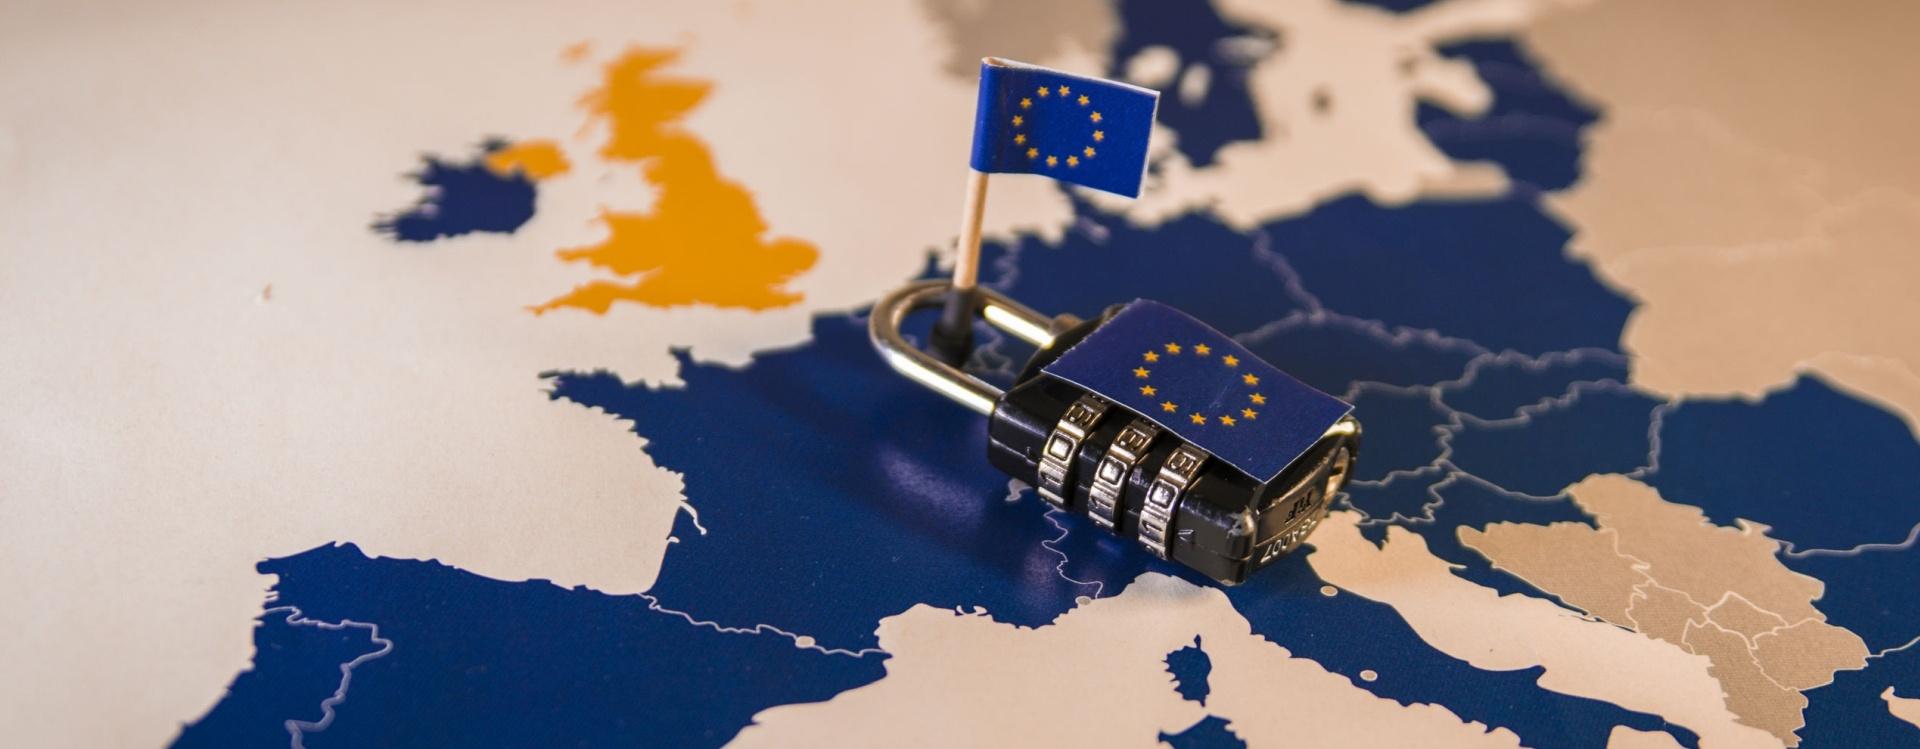 DSGVO_Europa_Header